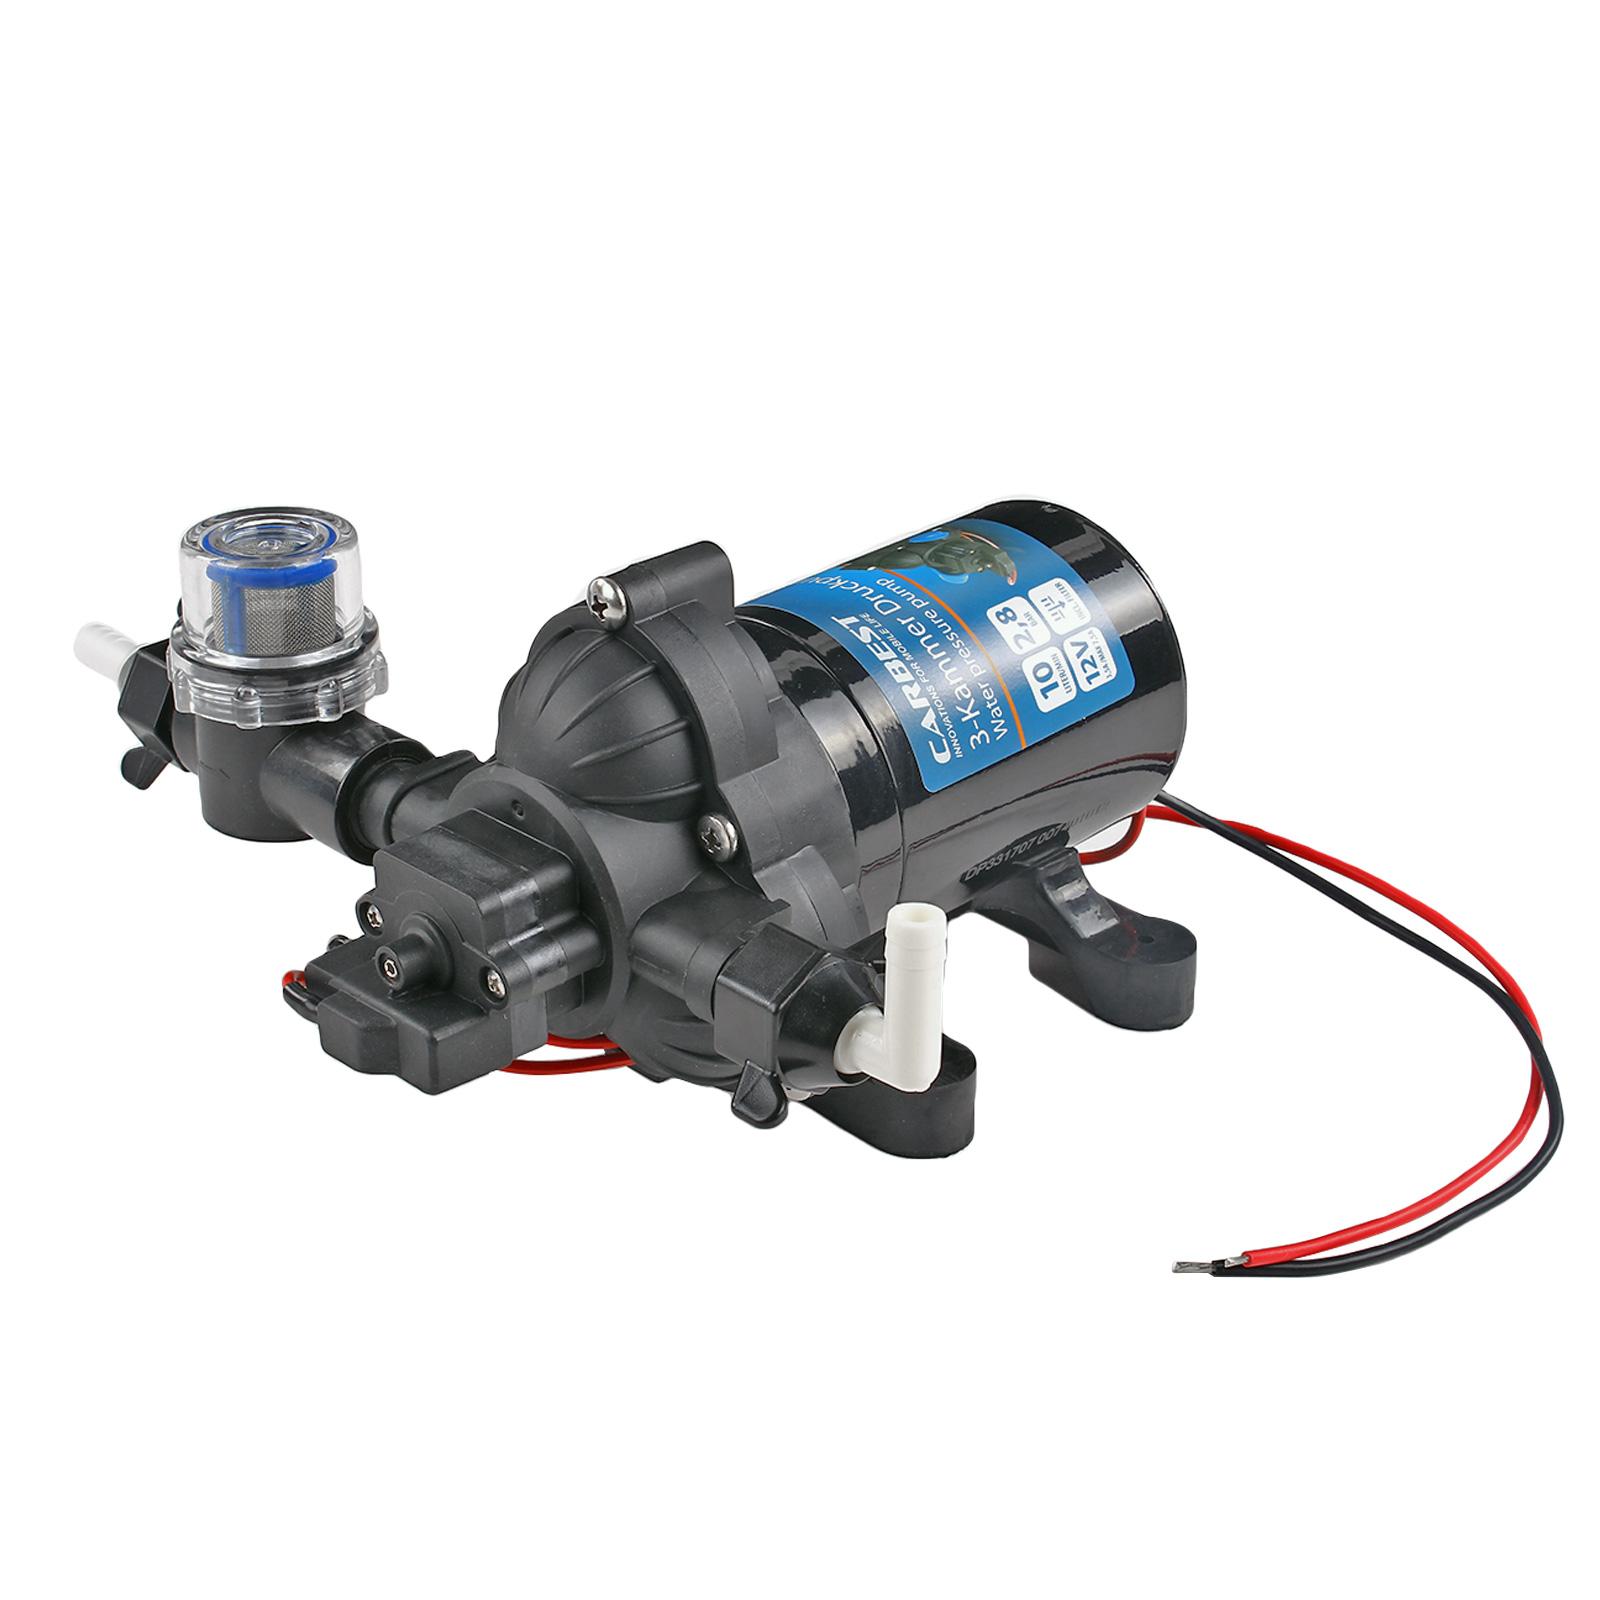 Wasserpumpe 12V 10 Ltr/Minute 2,8 Bar inkl Vorfilter 3 Kammer Membran